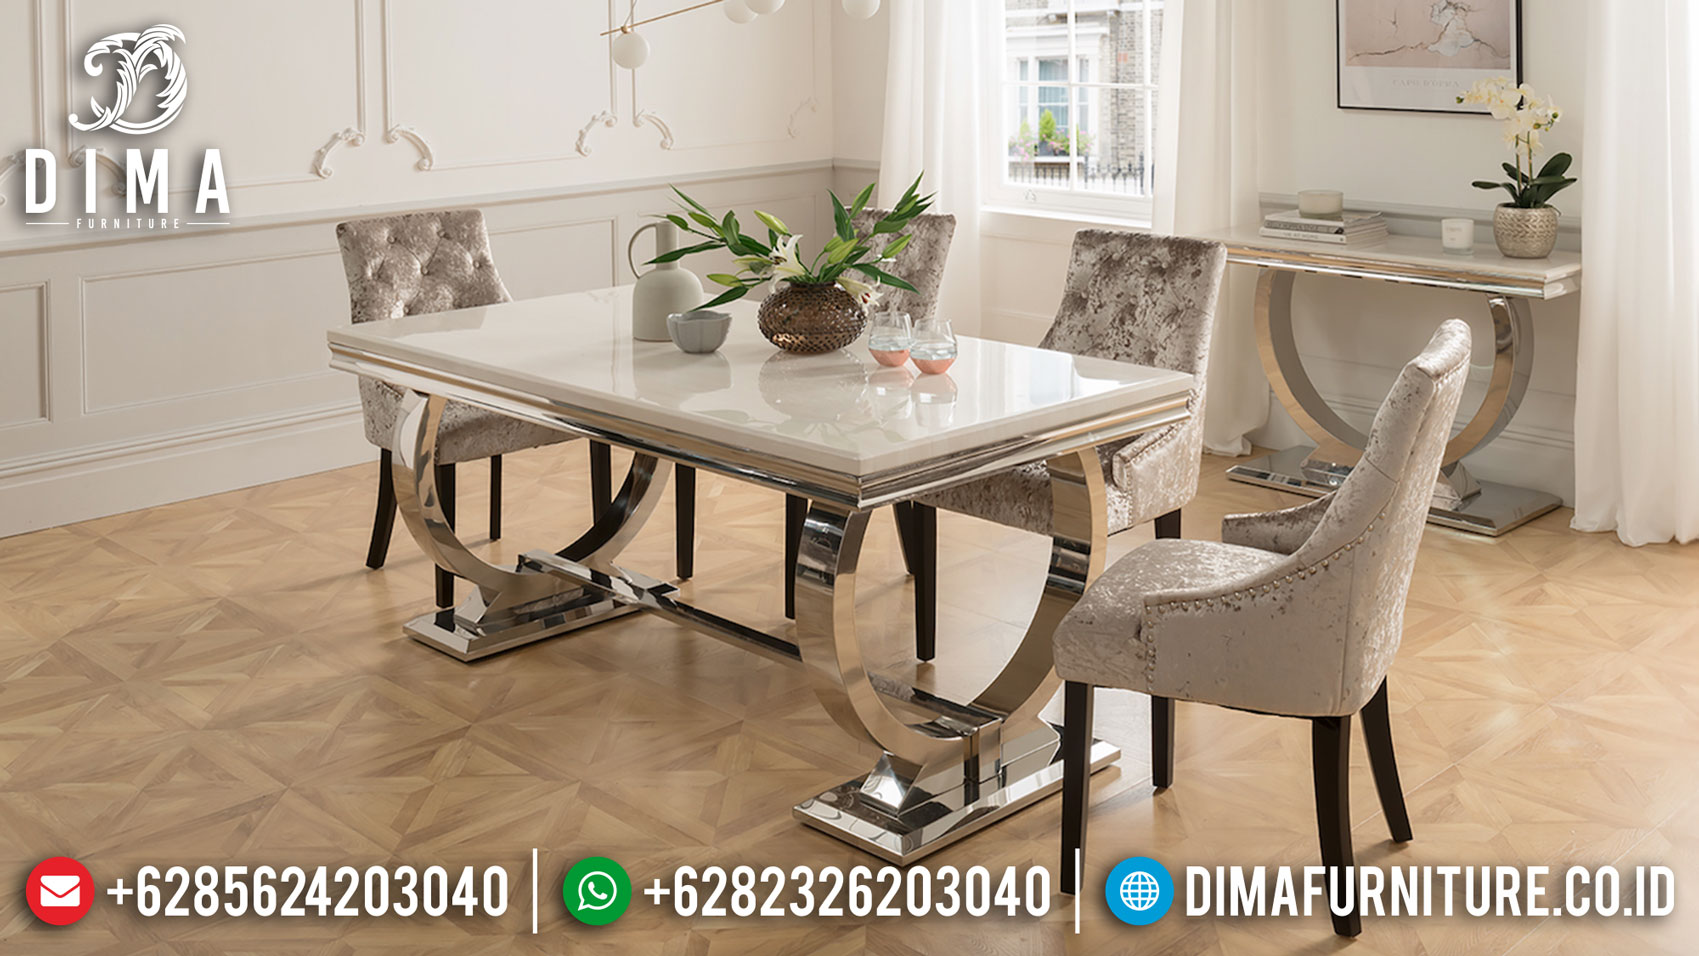 Inspiring Design Meja Makan Minimalis Stainless Steel Deluxe Style Room TTJ-1286